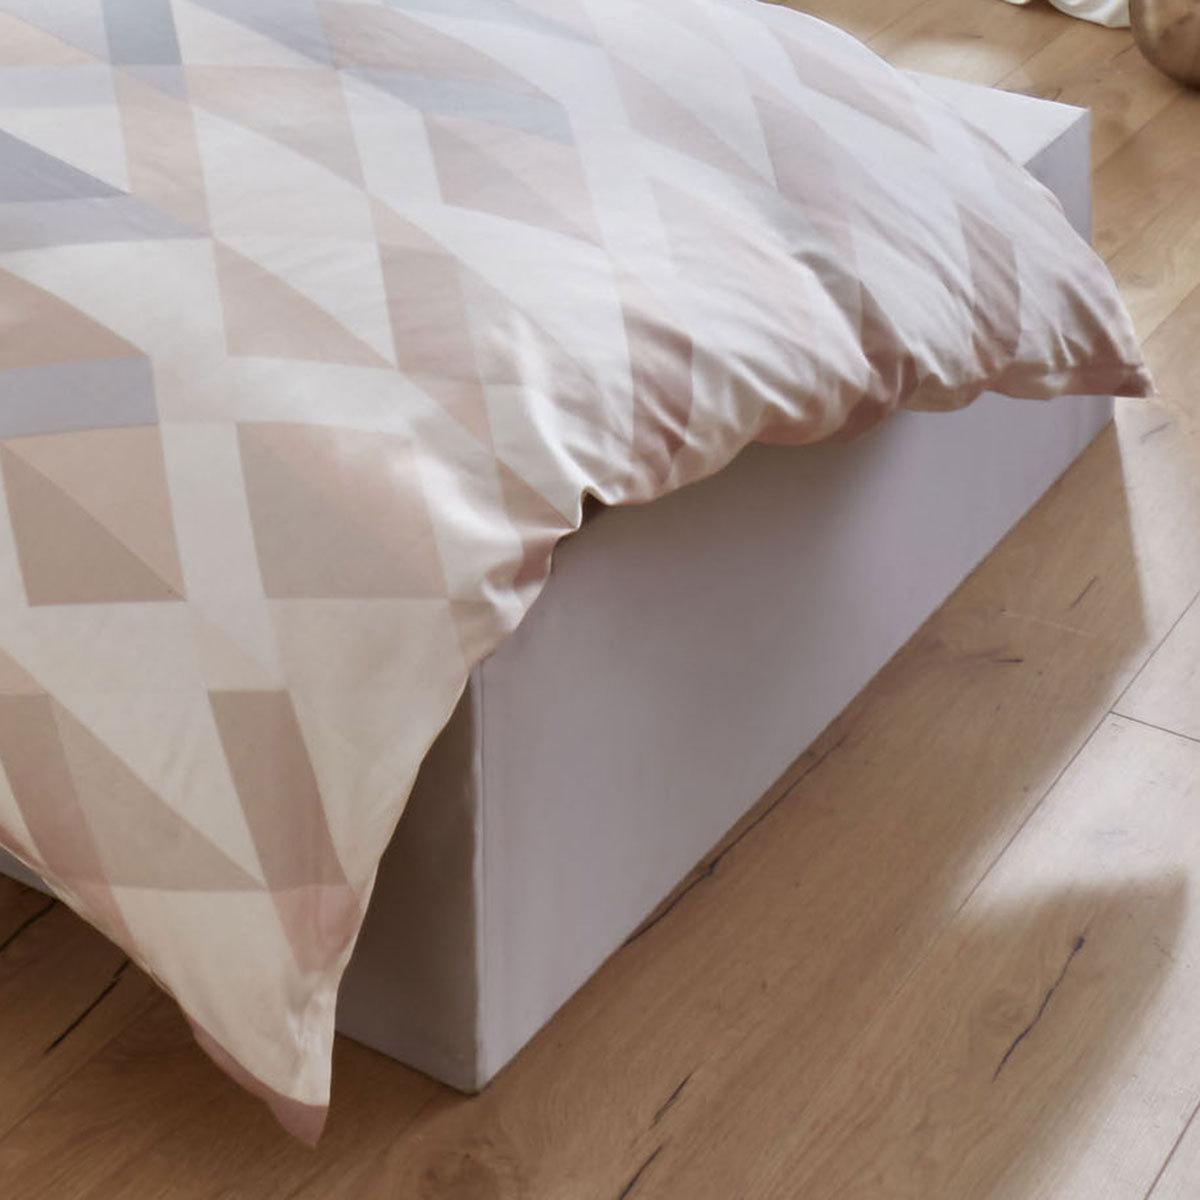 kaeppel biber bettw sche expression stein g nstig online kaufen bei bettwaren shop. Black Bedroom Furniture Sets. Home Design Ideas